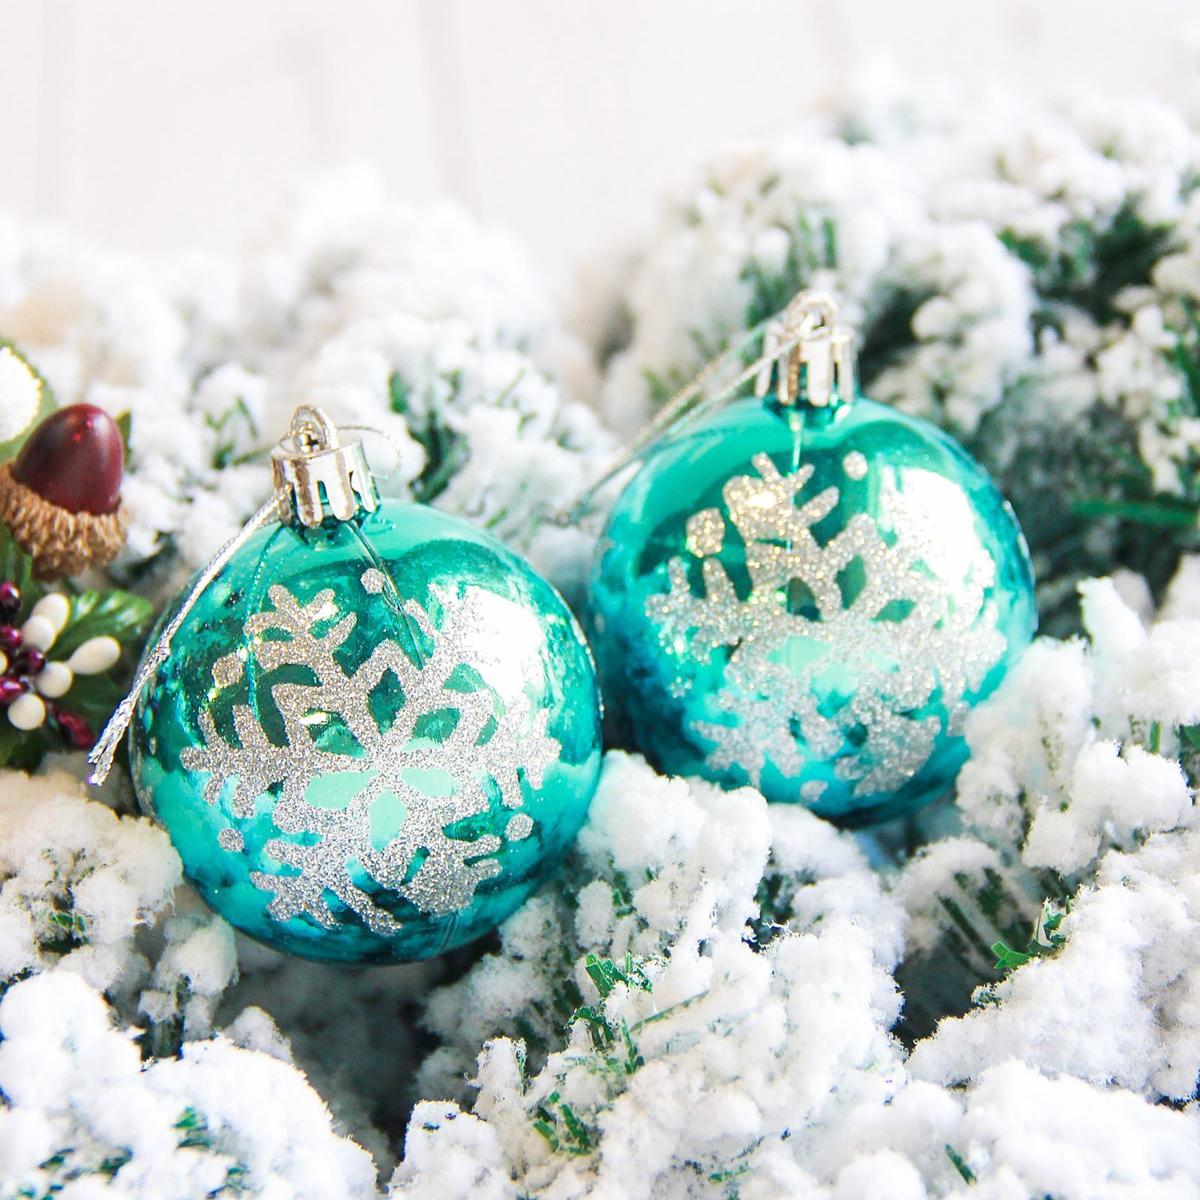 Набор новогодних подвесных украшений Sima-land Глянец. Снежинка, цвет: голубой, диаметр 6 см, 6 шт2178174Невозможно представить нашу жизнь без праздников! Мы всегда ждём их и предвкушаем, обдумываем, как проведём памятный день, тщательно выбираем подарки и аксессуары, ведь именно они создают и поддерживают торжественный настрой.